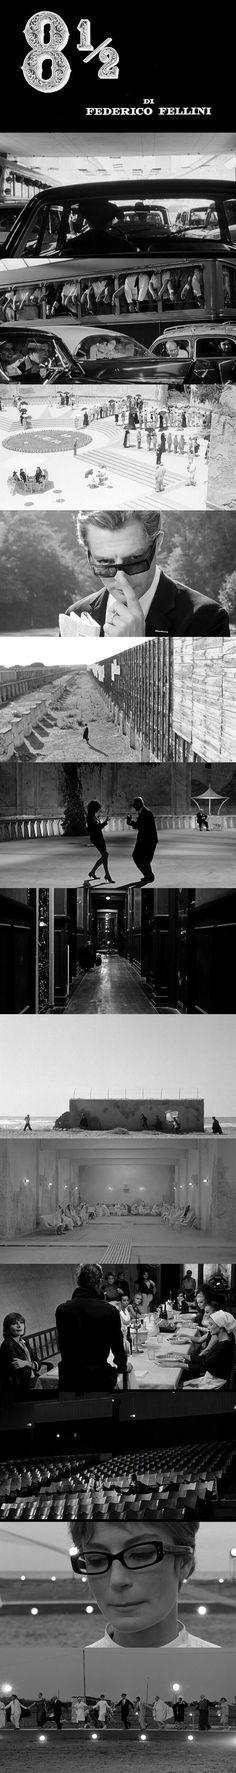 Cenas do filme 8½, de Federico Fellini. O cinema disposto em todas as suas formas. Análises desde os clássicos até as novidades que permeiam a sétima arte. Críticas de filmes e matérias especiais todos os dias. #filme #clássico #cinema #ator #atriz